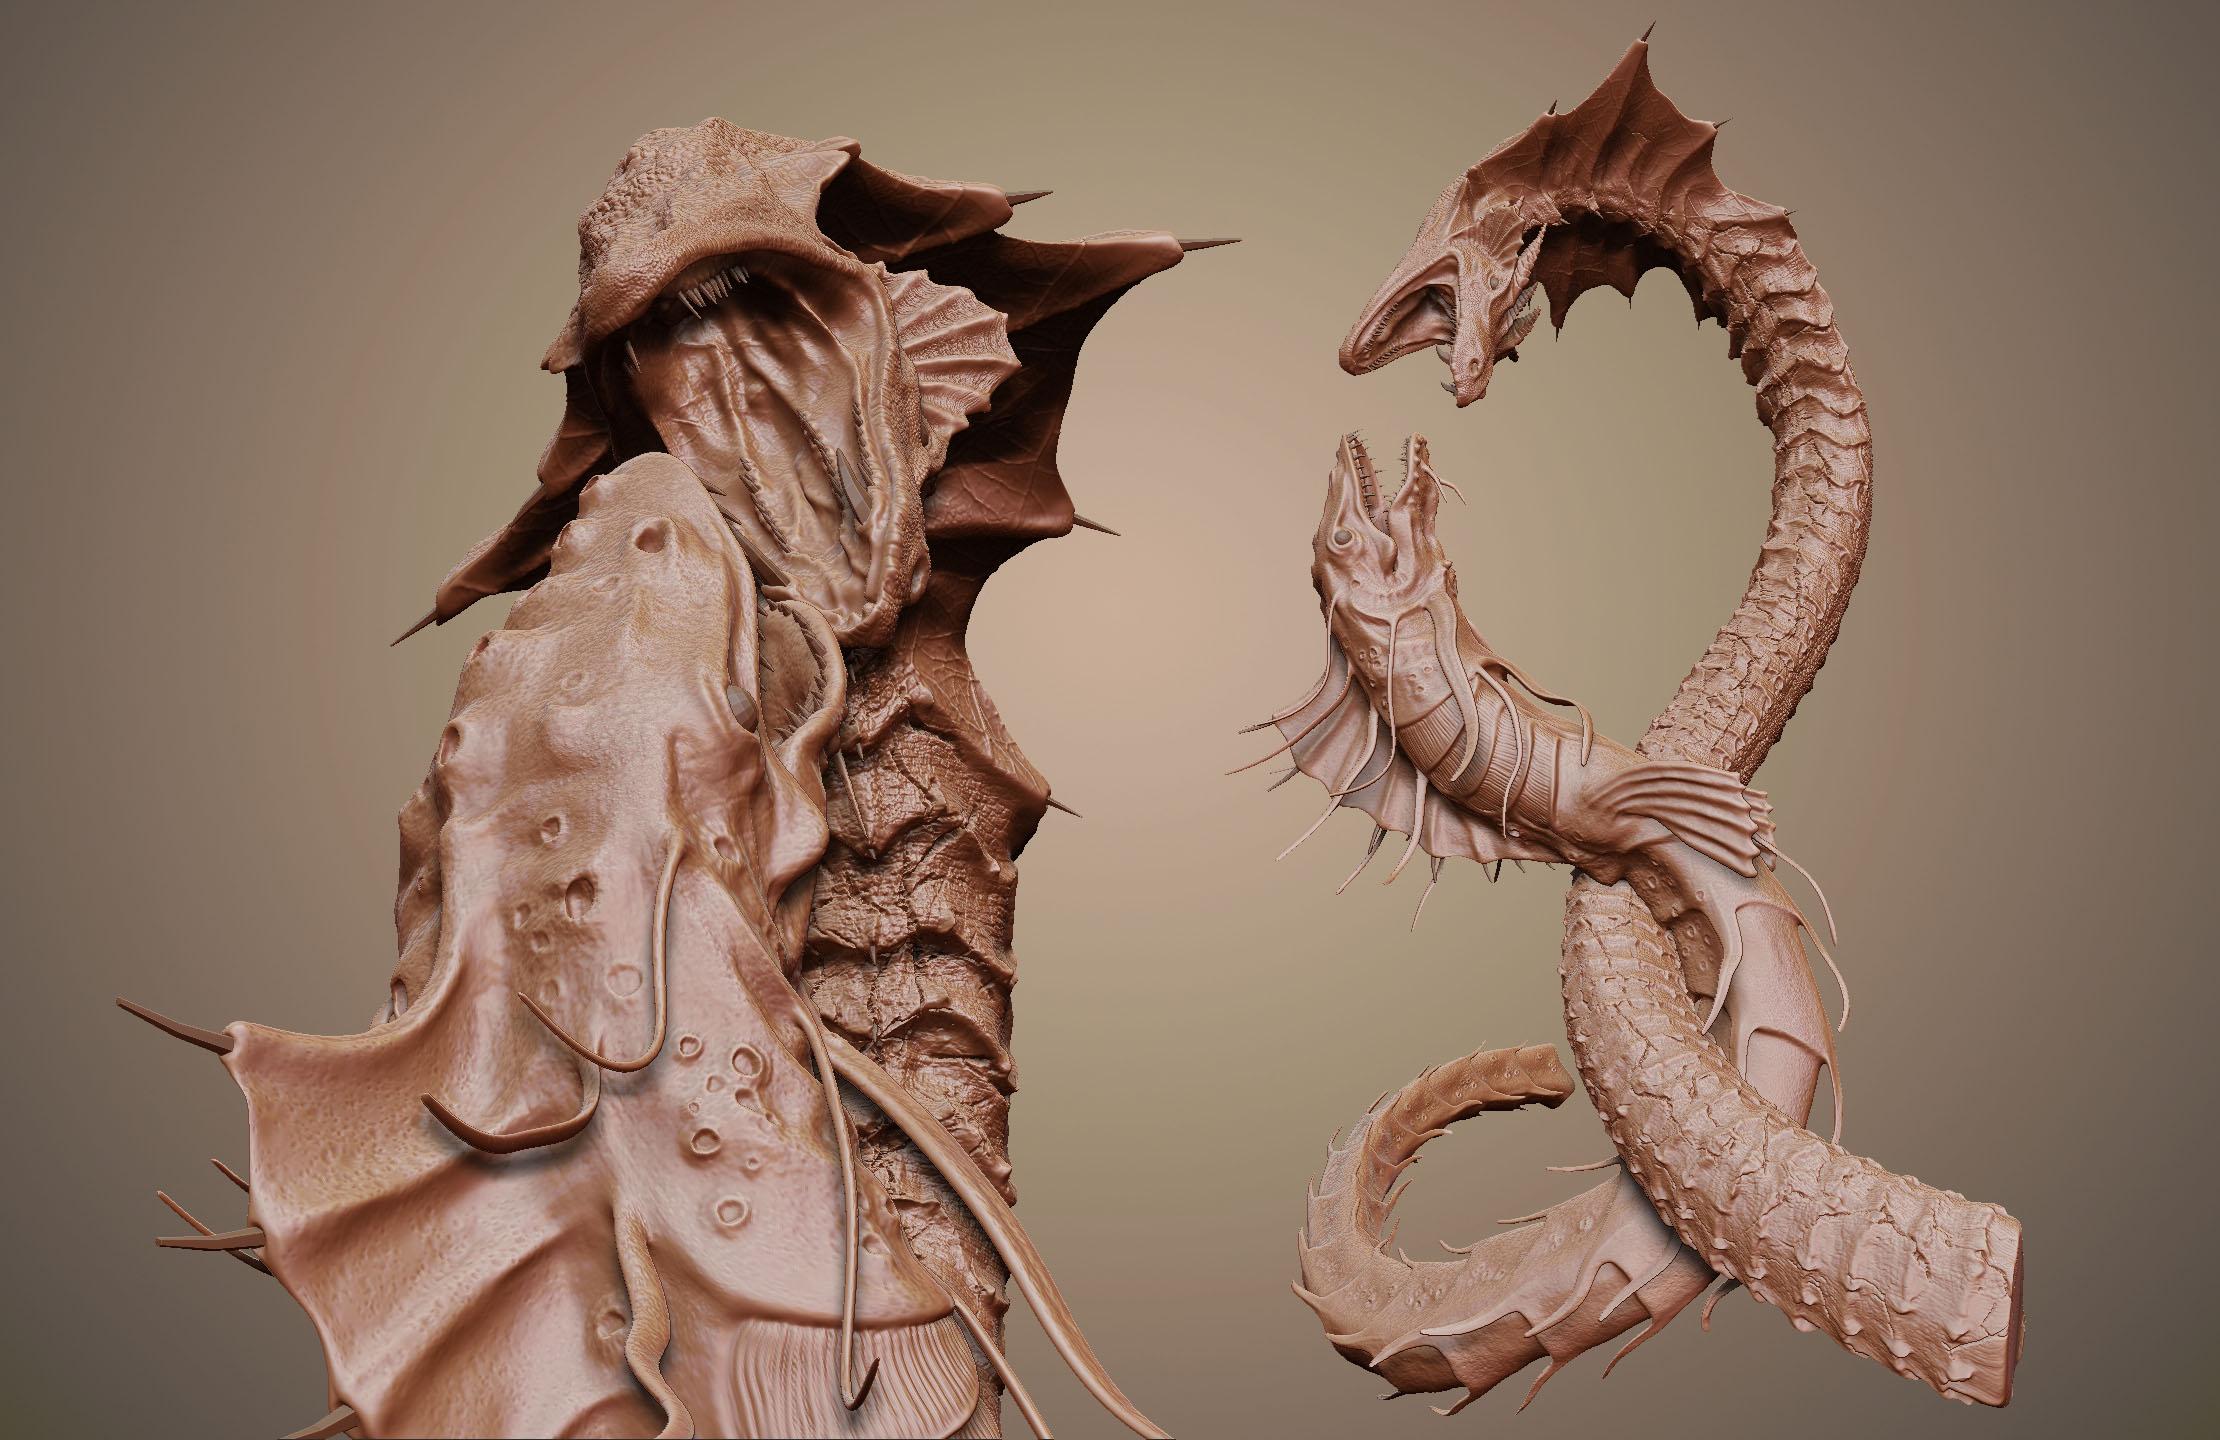 caicaitentensculpture02